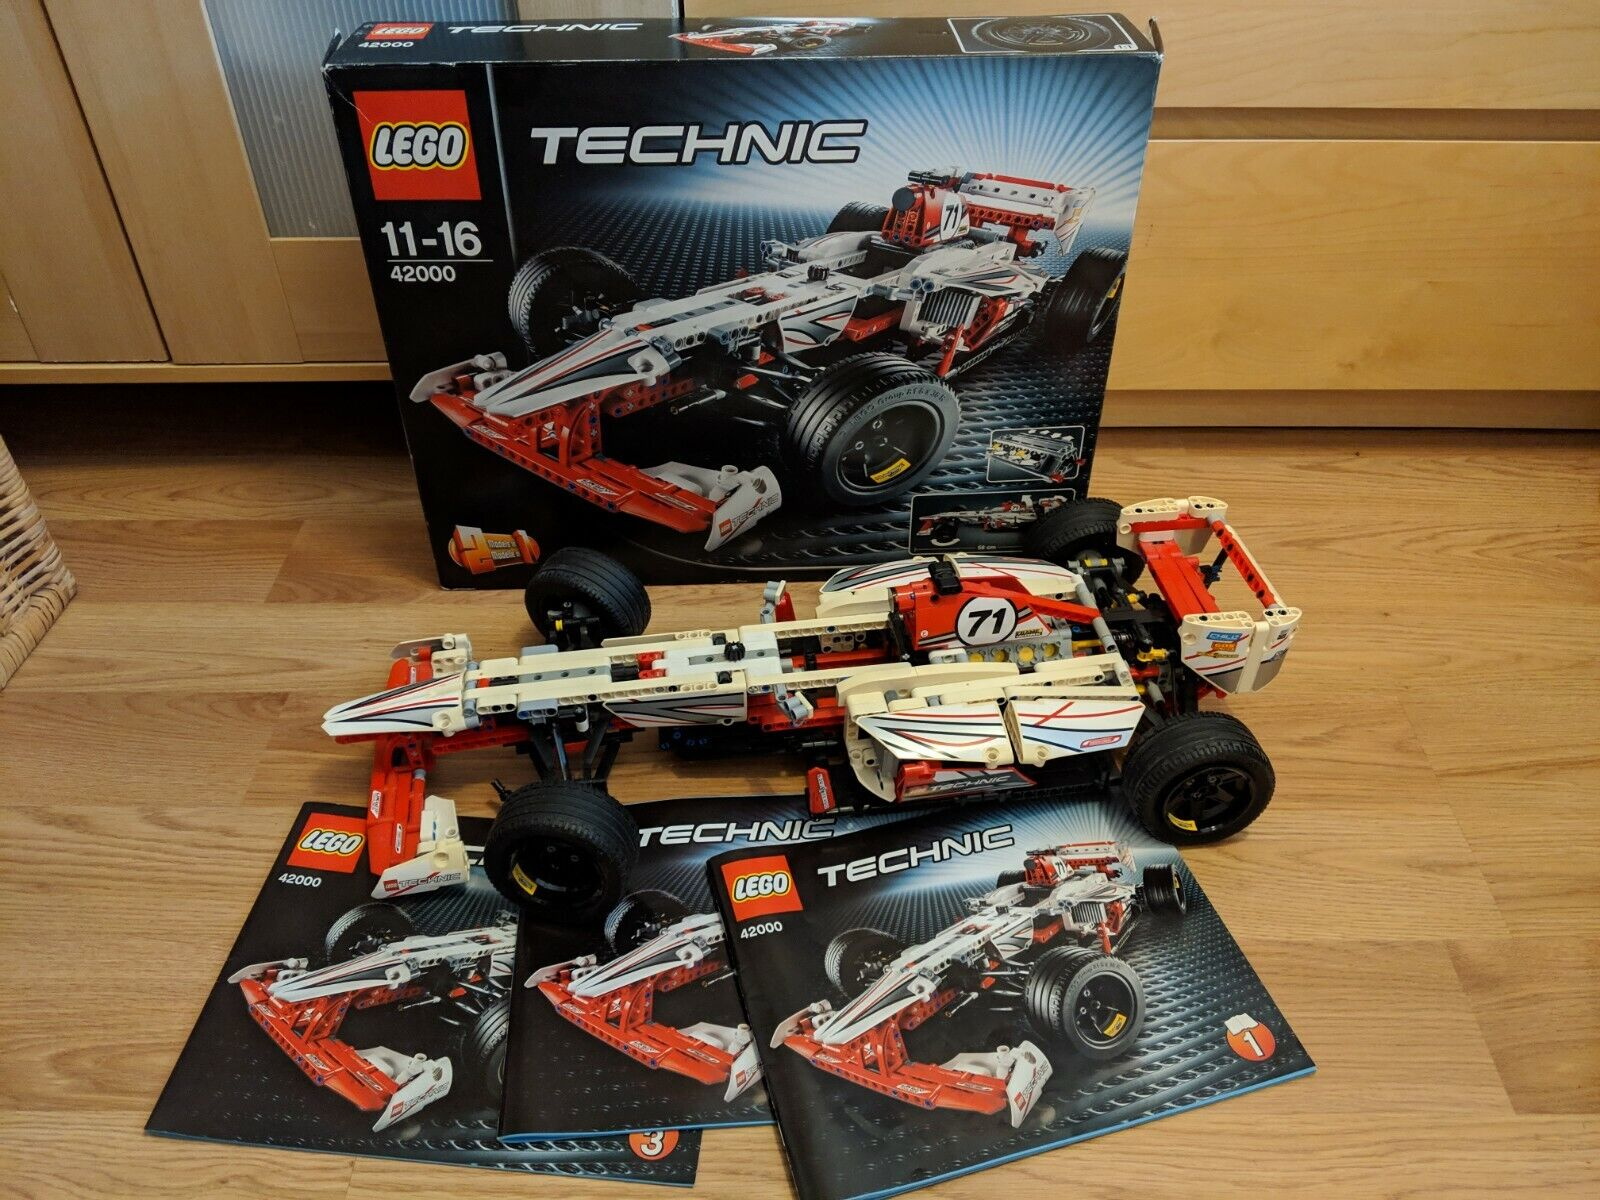 Technic Set 42000 Grand Prix Car Lego No Nmdejx6462 Lego Complete